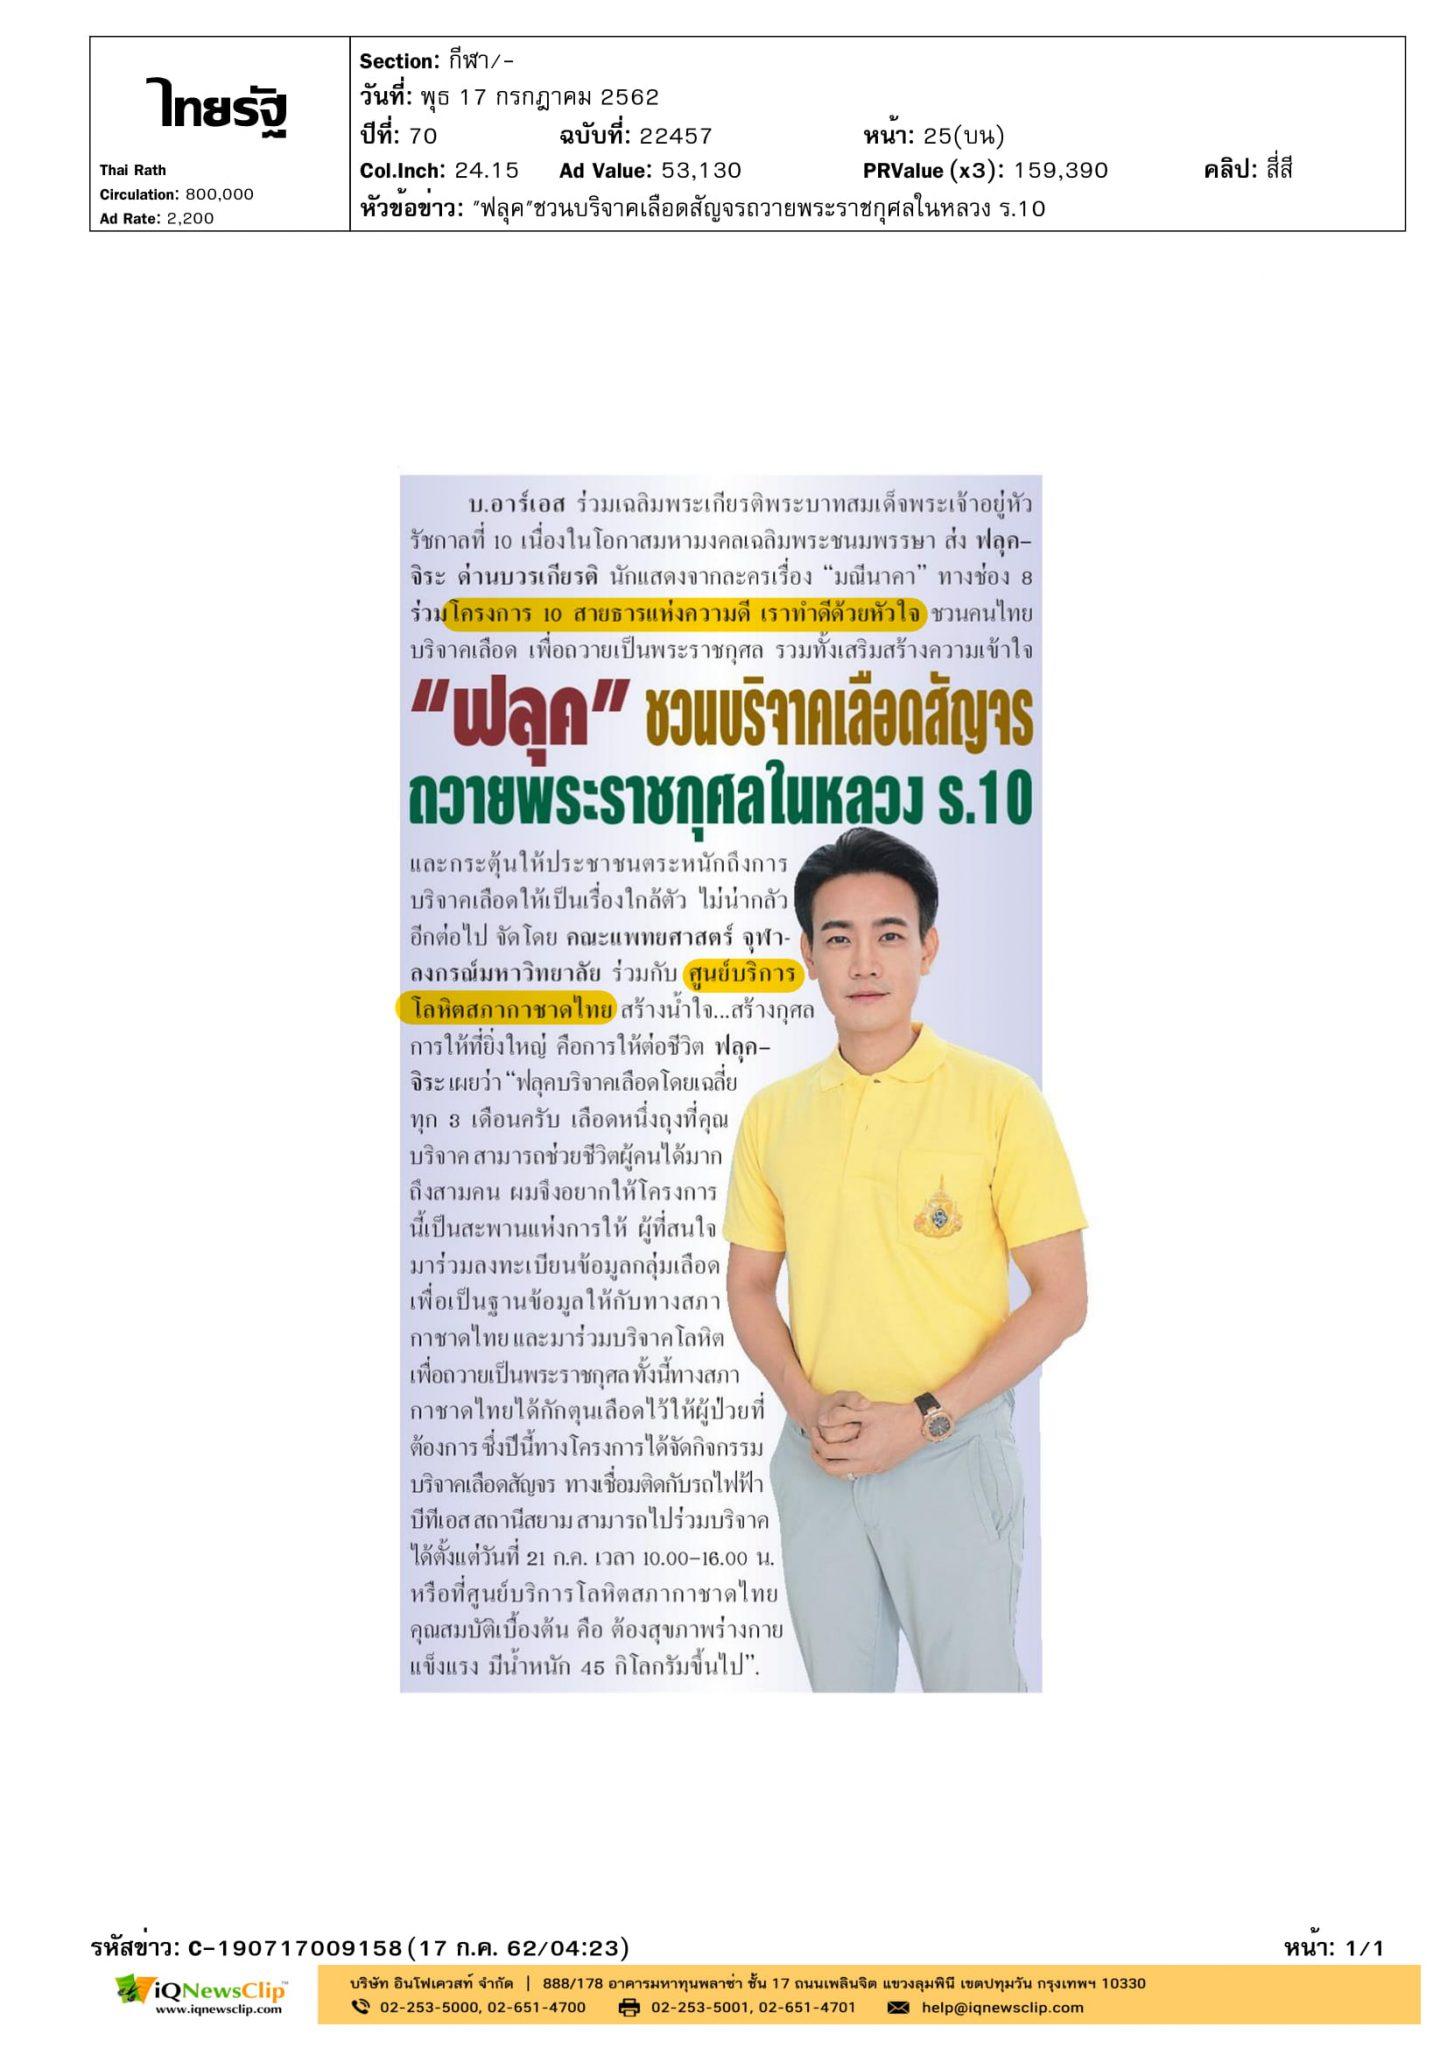 ฟลุค-จิระ ด่านบวรเกียรติ ชวนคนไทย บริจาคโลหิต